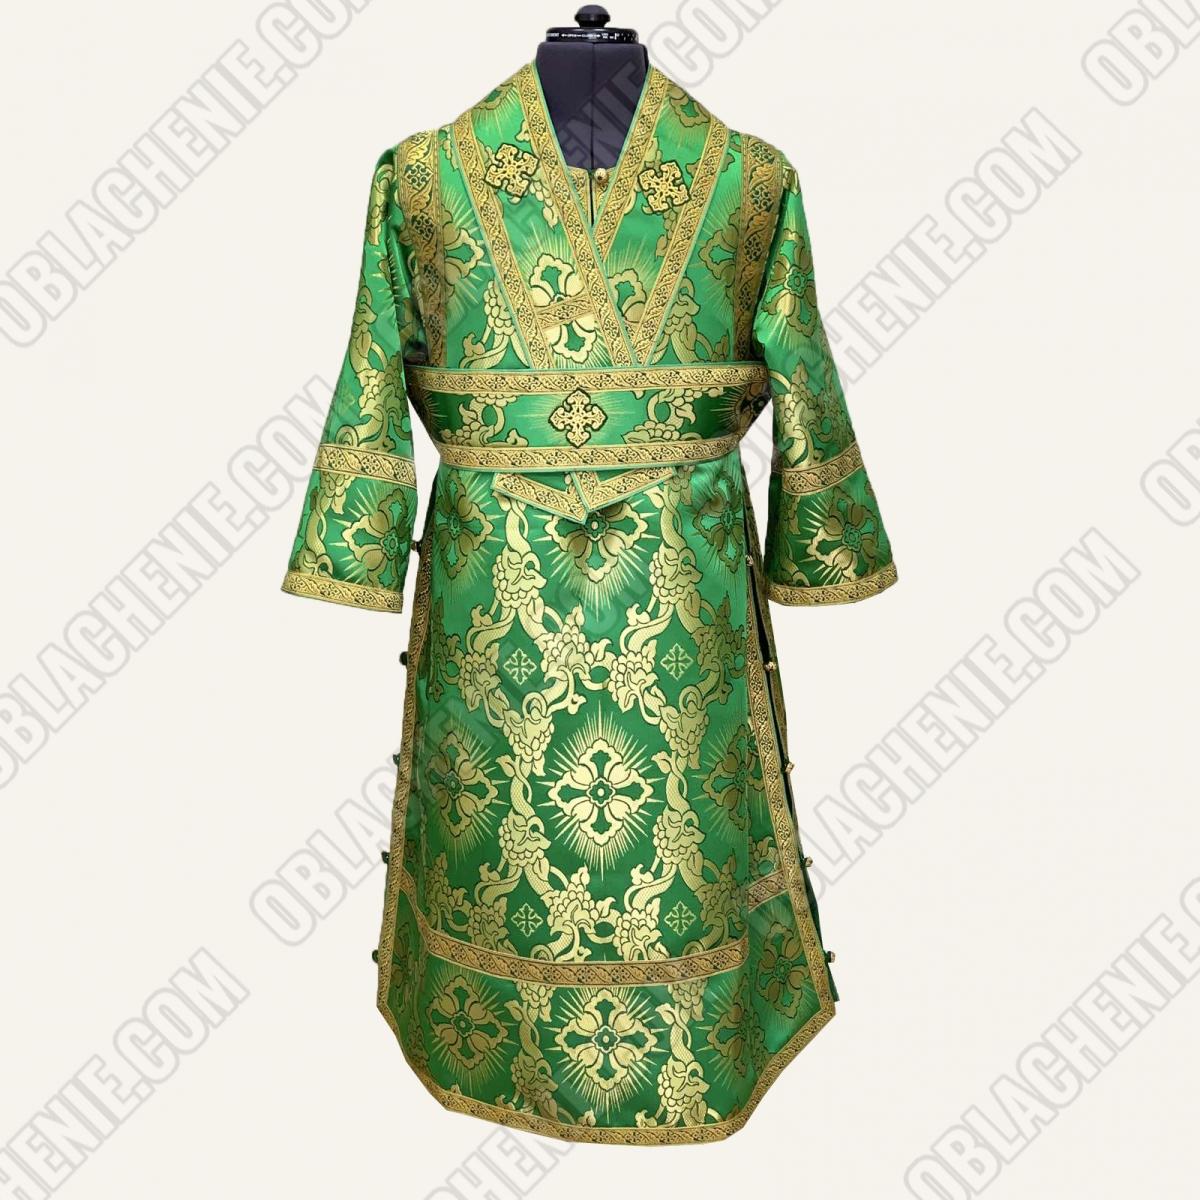 Subdeacon's vestments 11610